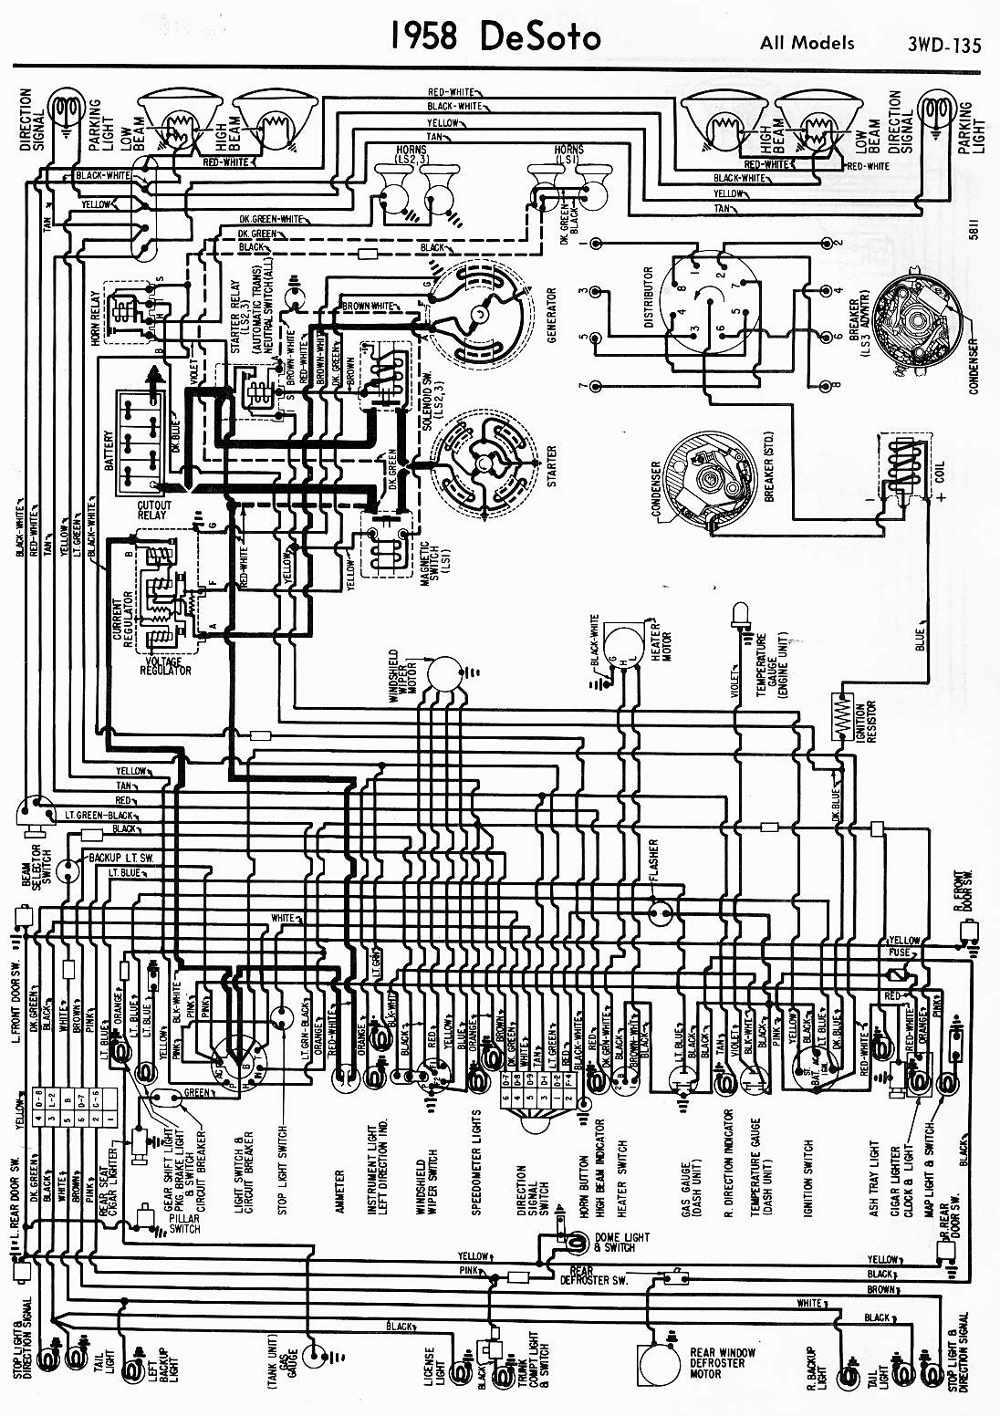 1958 fiat 600 engine wiring free download wiring diagram schematic fiat 850 spider wiring diagram fiat 450 tractor wiring diagram [ 1000 x 1416 Pixel ]